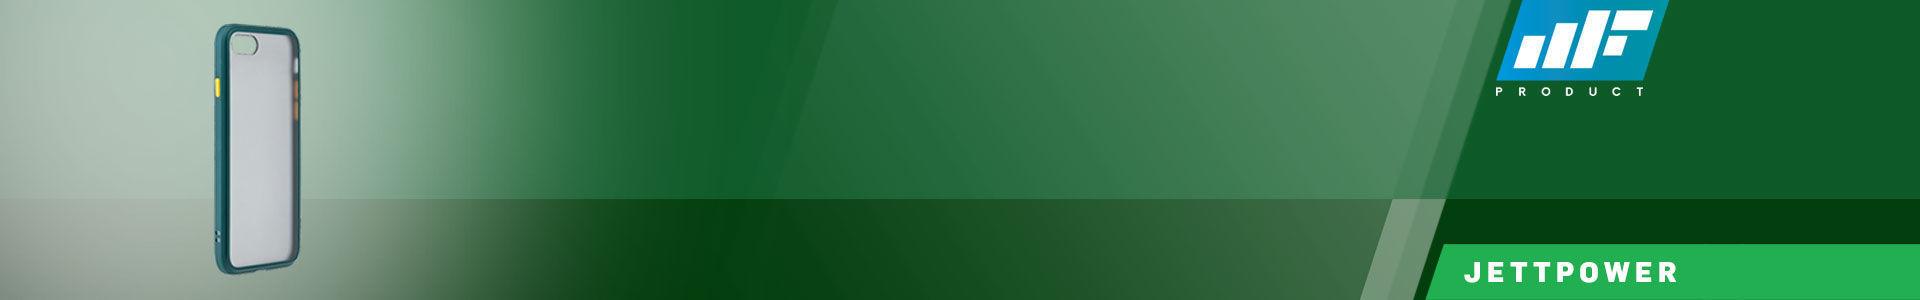 MF Product Jetpower 0298 Telefon Kılıfı iPhone 7/8/SE 2 Uyumlu Koyu Yeşil tam da buradan alınır!